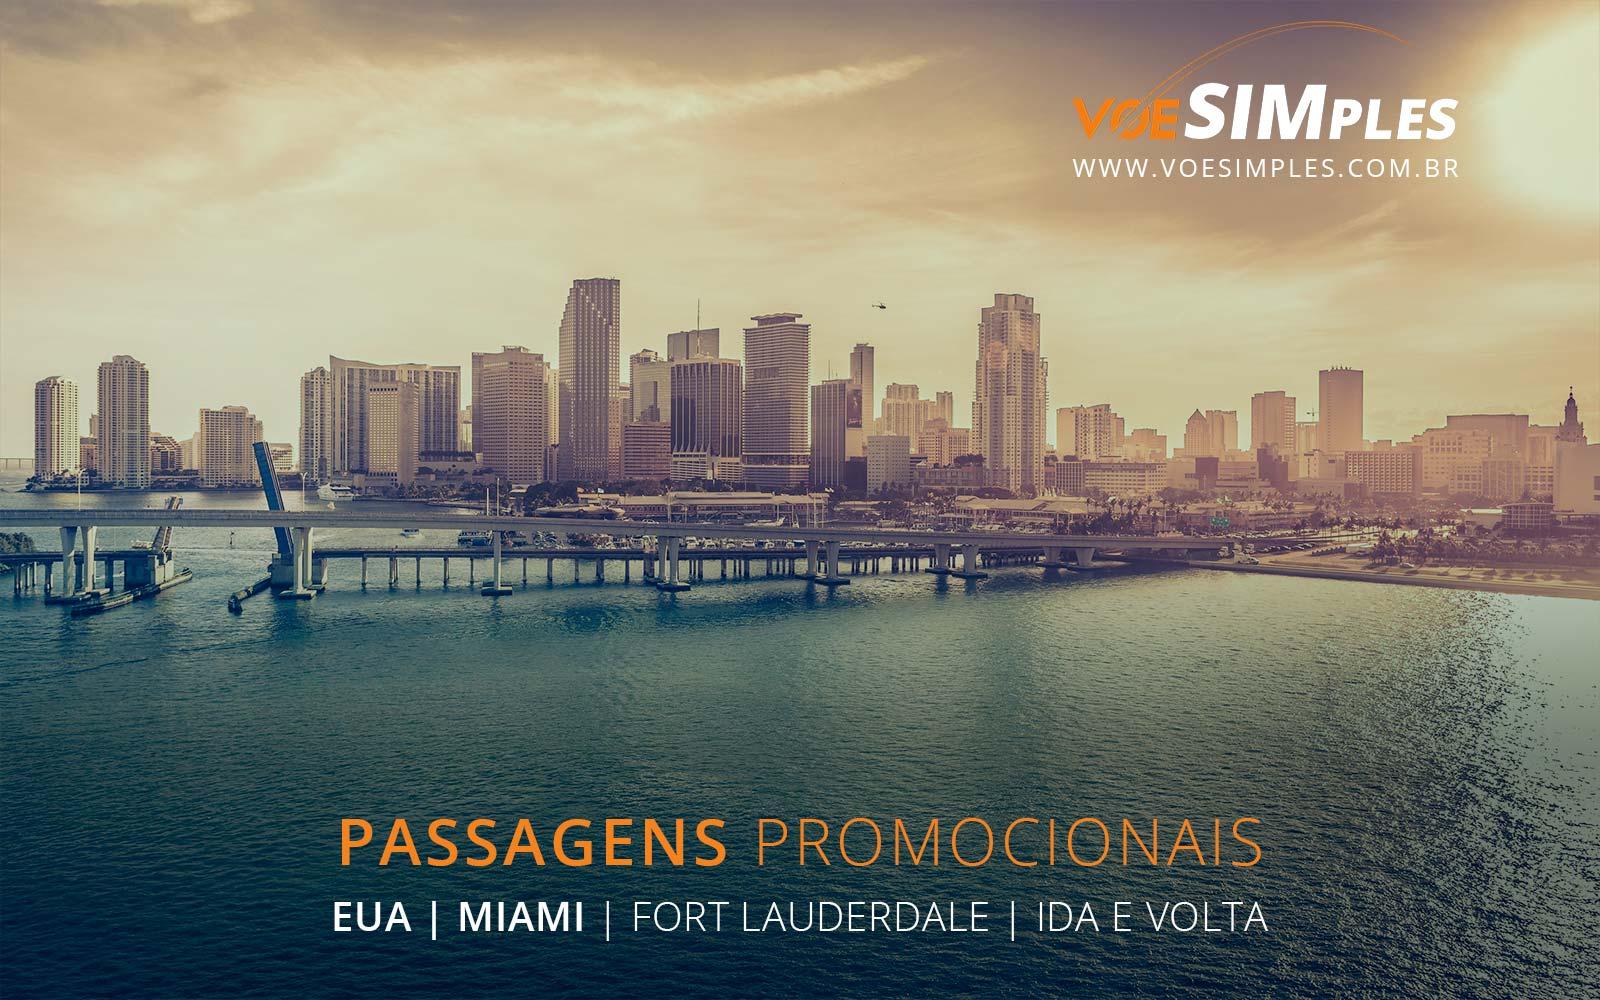 Promoção de passagens aéreas para Miami e Fort Lauderdale nos Estados Unidos